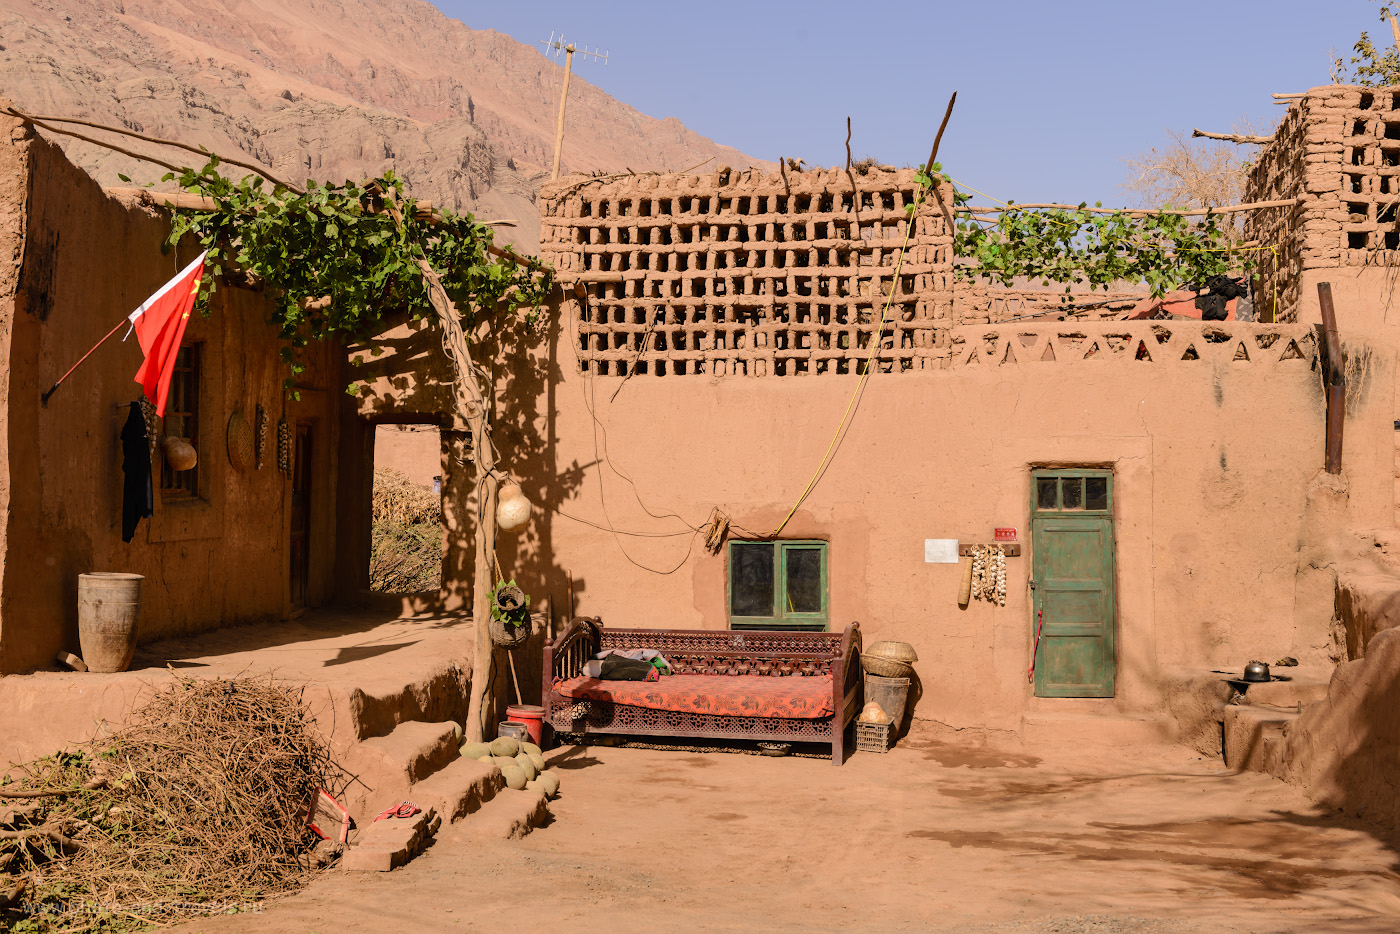 Фотография 5. Жилые дома в кишлаке Туюк-мазар в окрестностях Турфана. Посмотрите, как выглядел Восточный Туркестан 100 лет назад. Поездка в Китай самостоятельно. 1/320, 8.0, 100, 40.